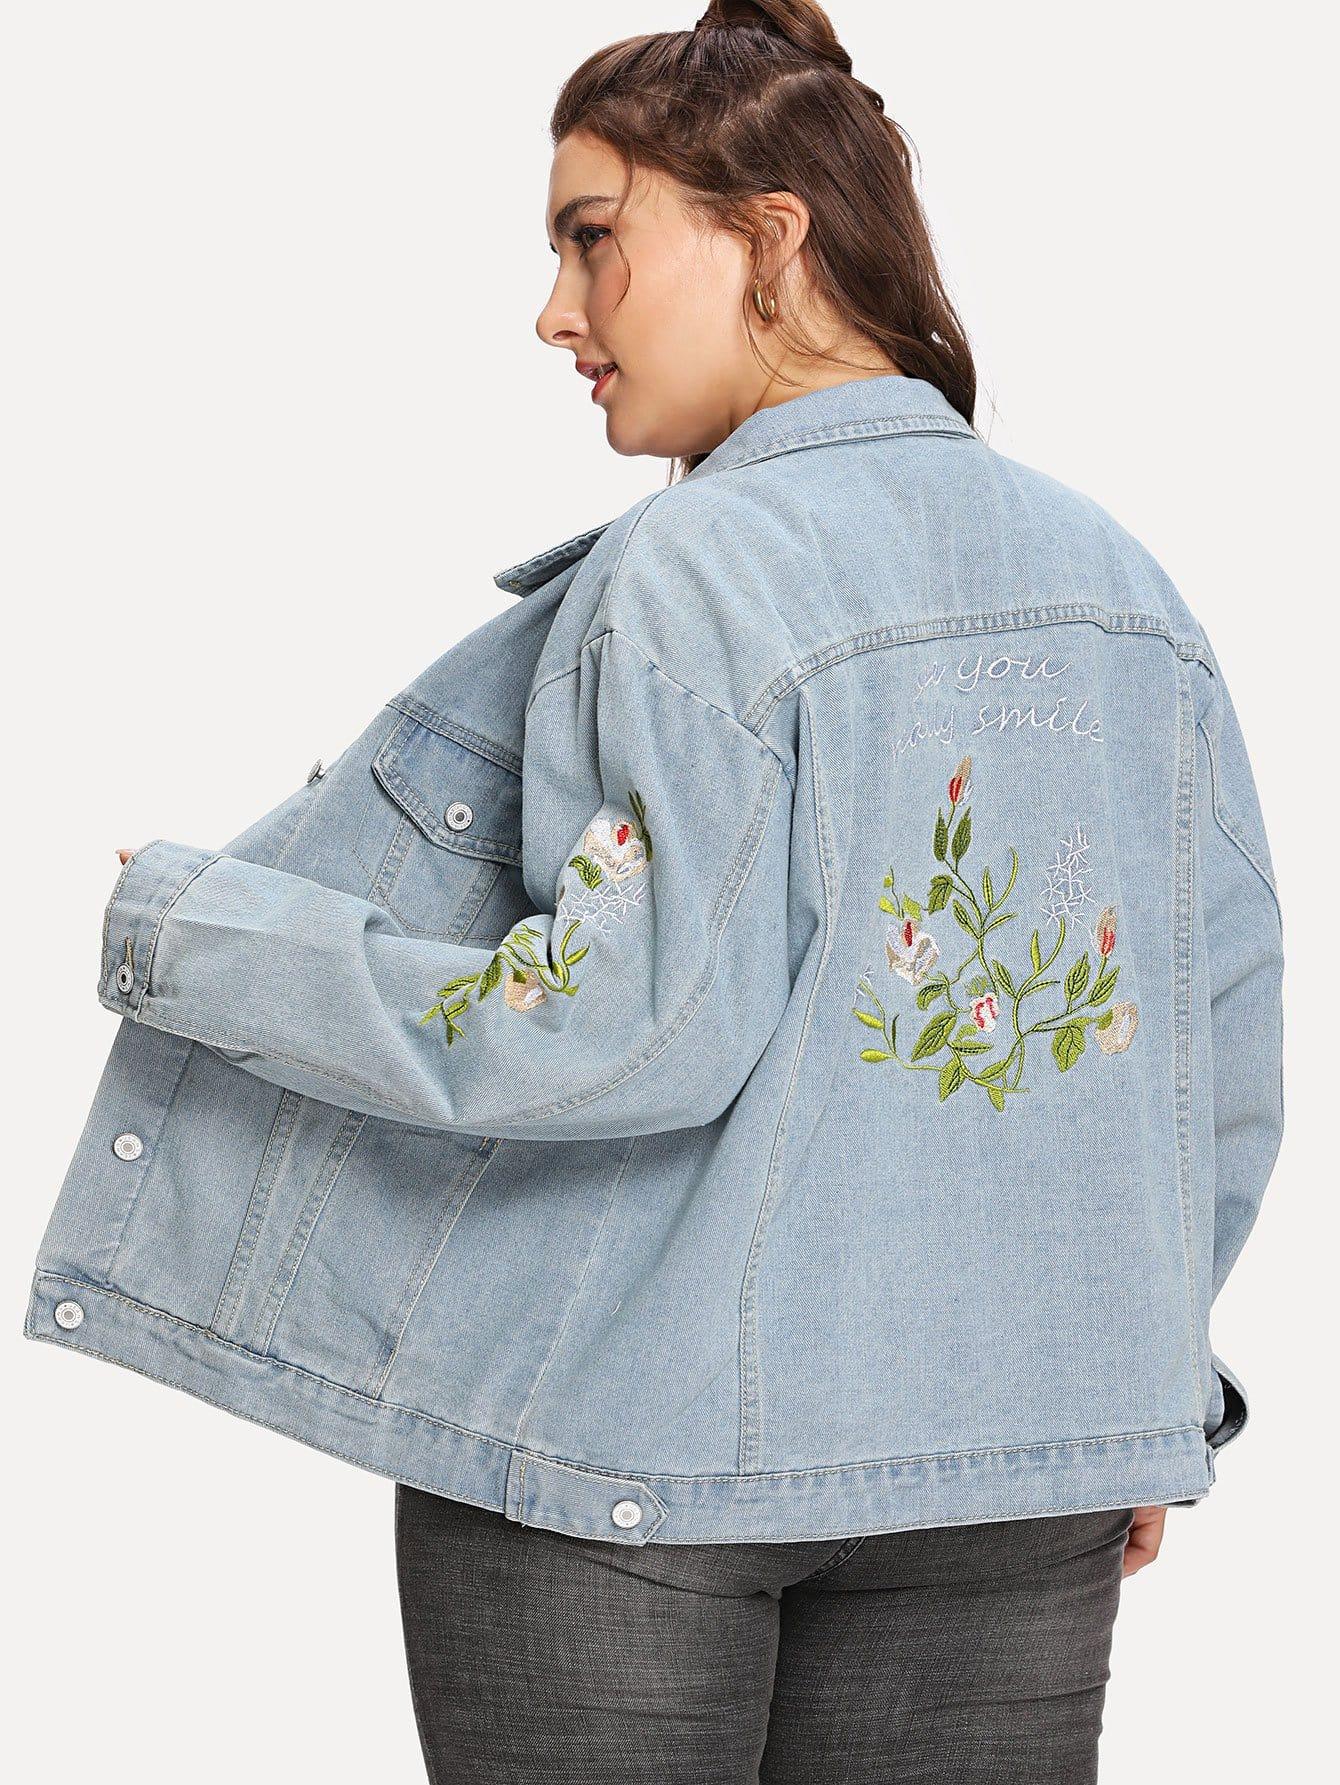 Купить Жакет деним с вышивкой цветы, Franziska, SheIn